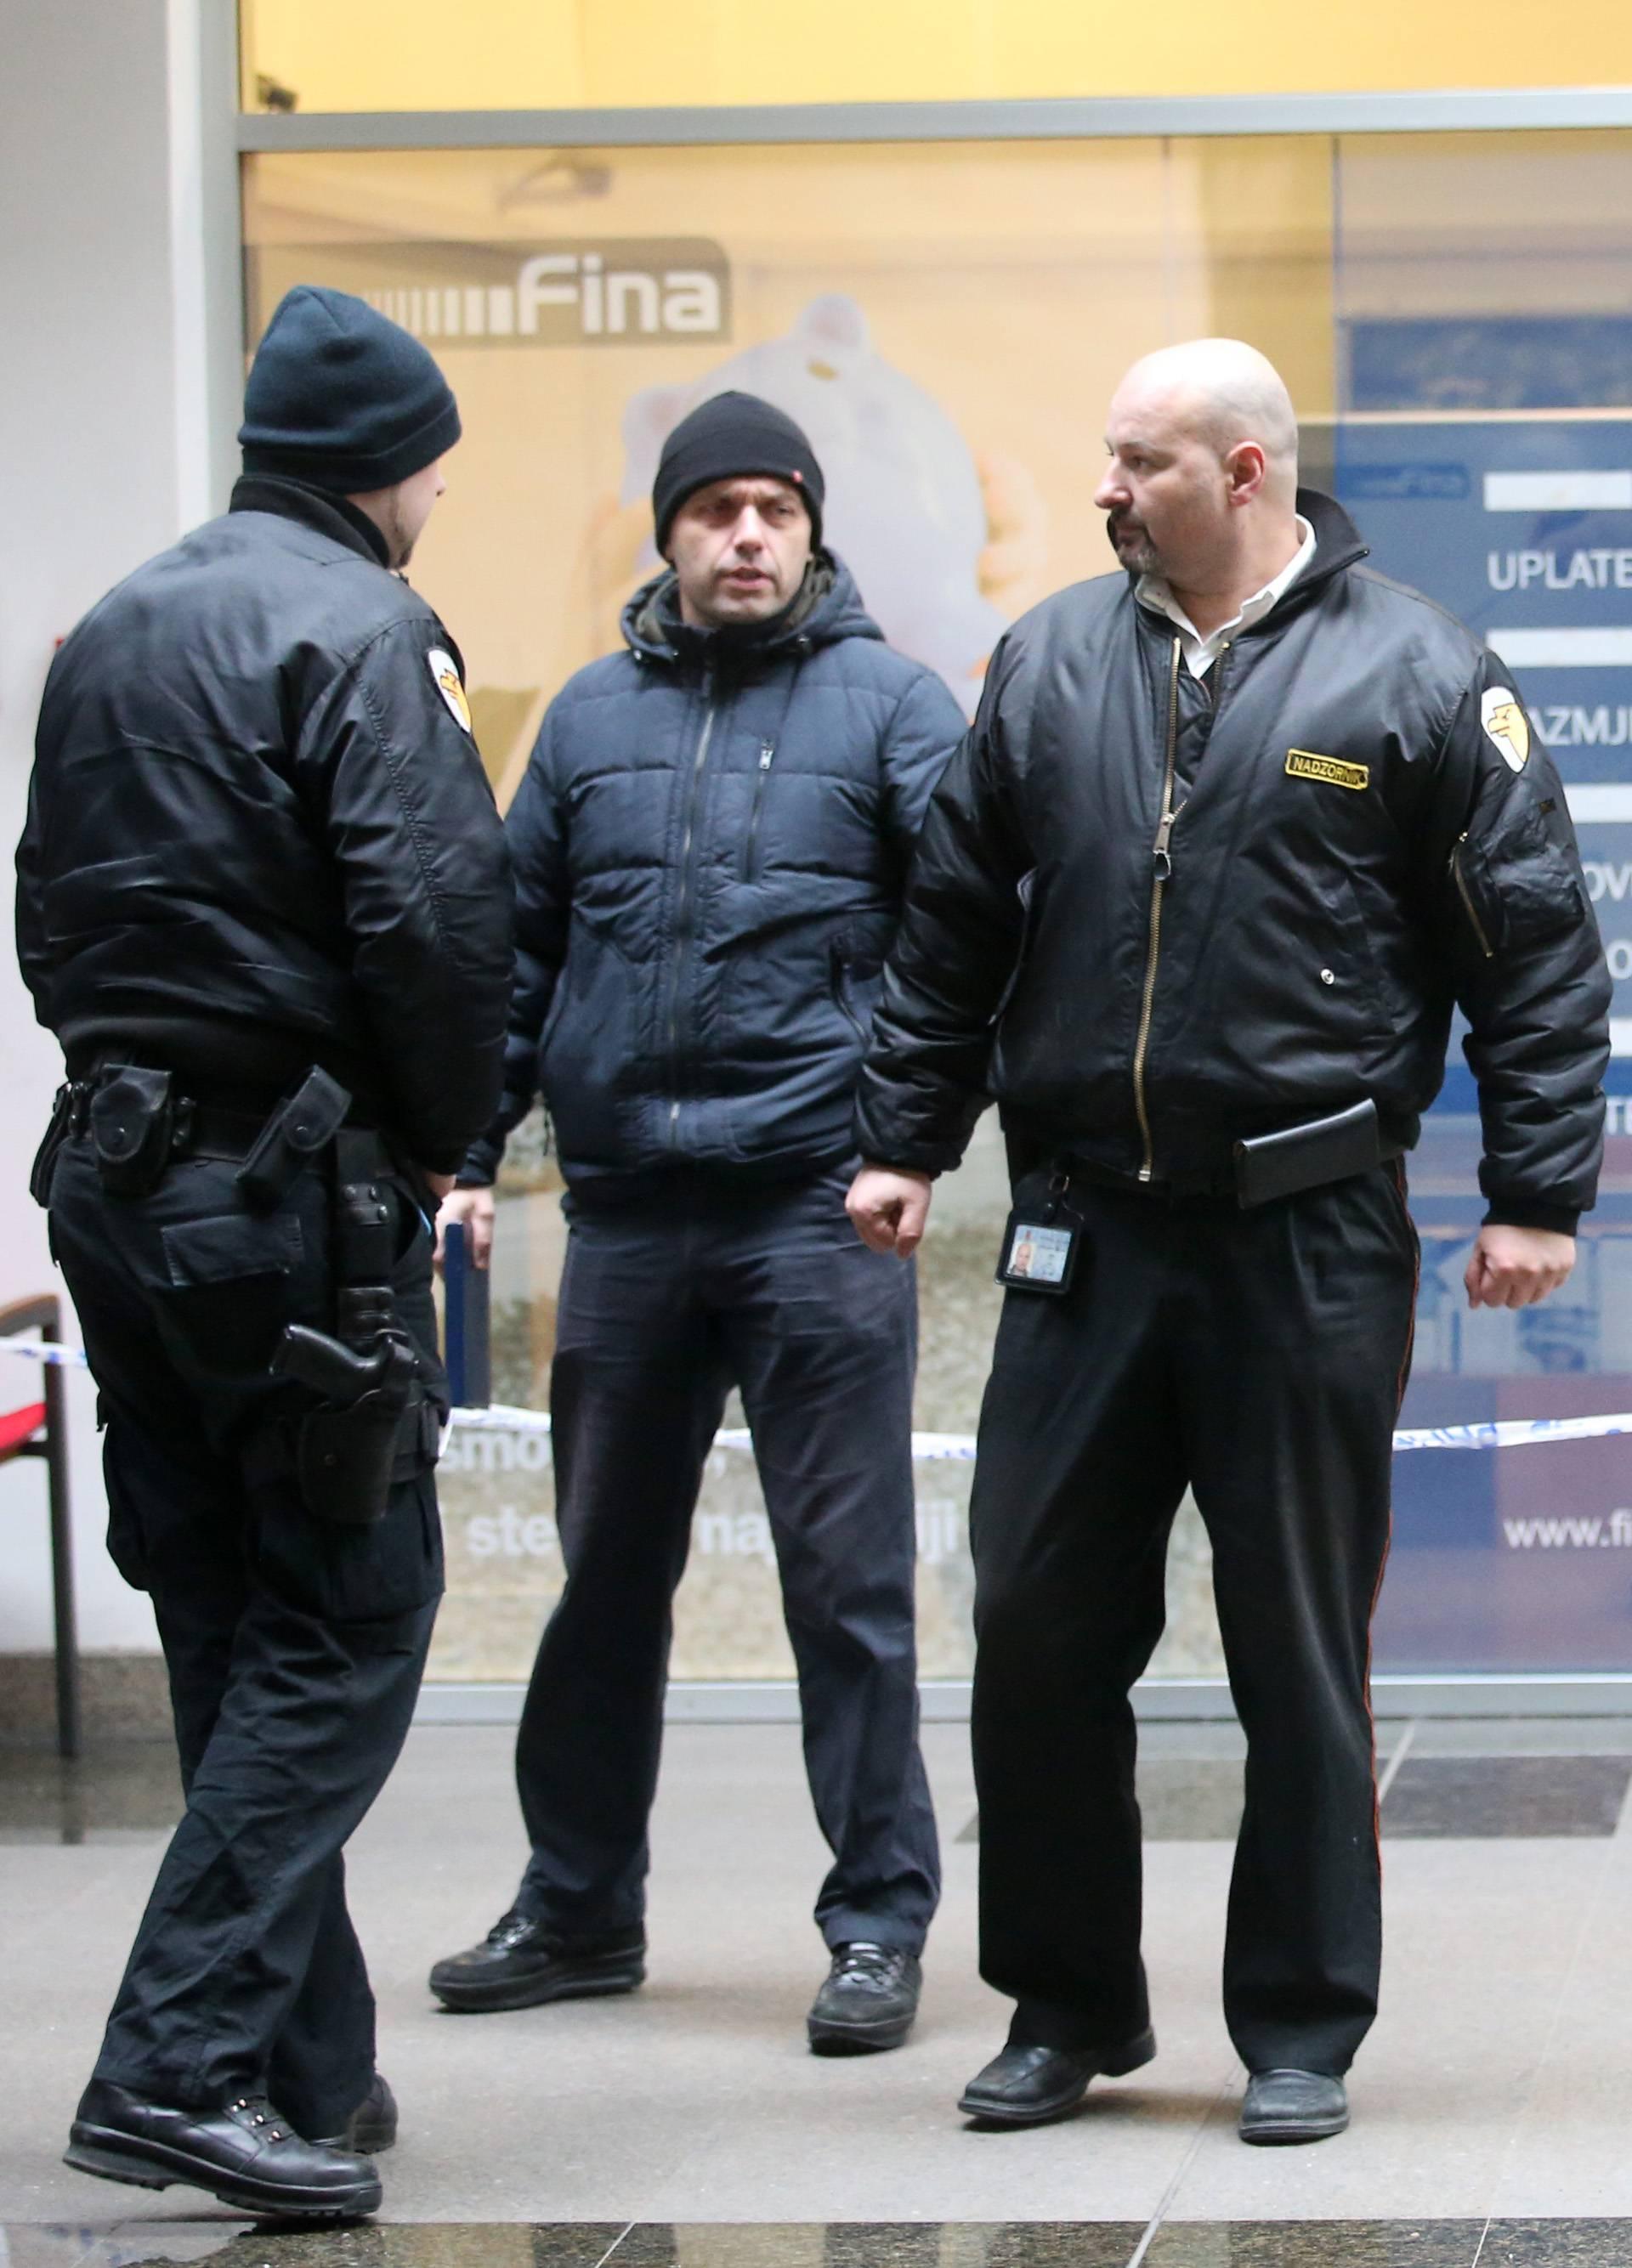 Boksač priznao pljačku i dobio kaznu od dvije godine zatvora